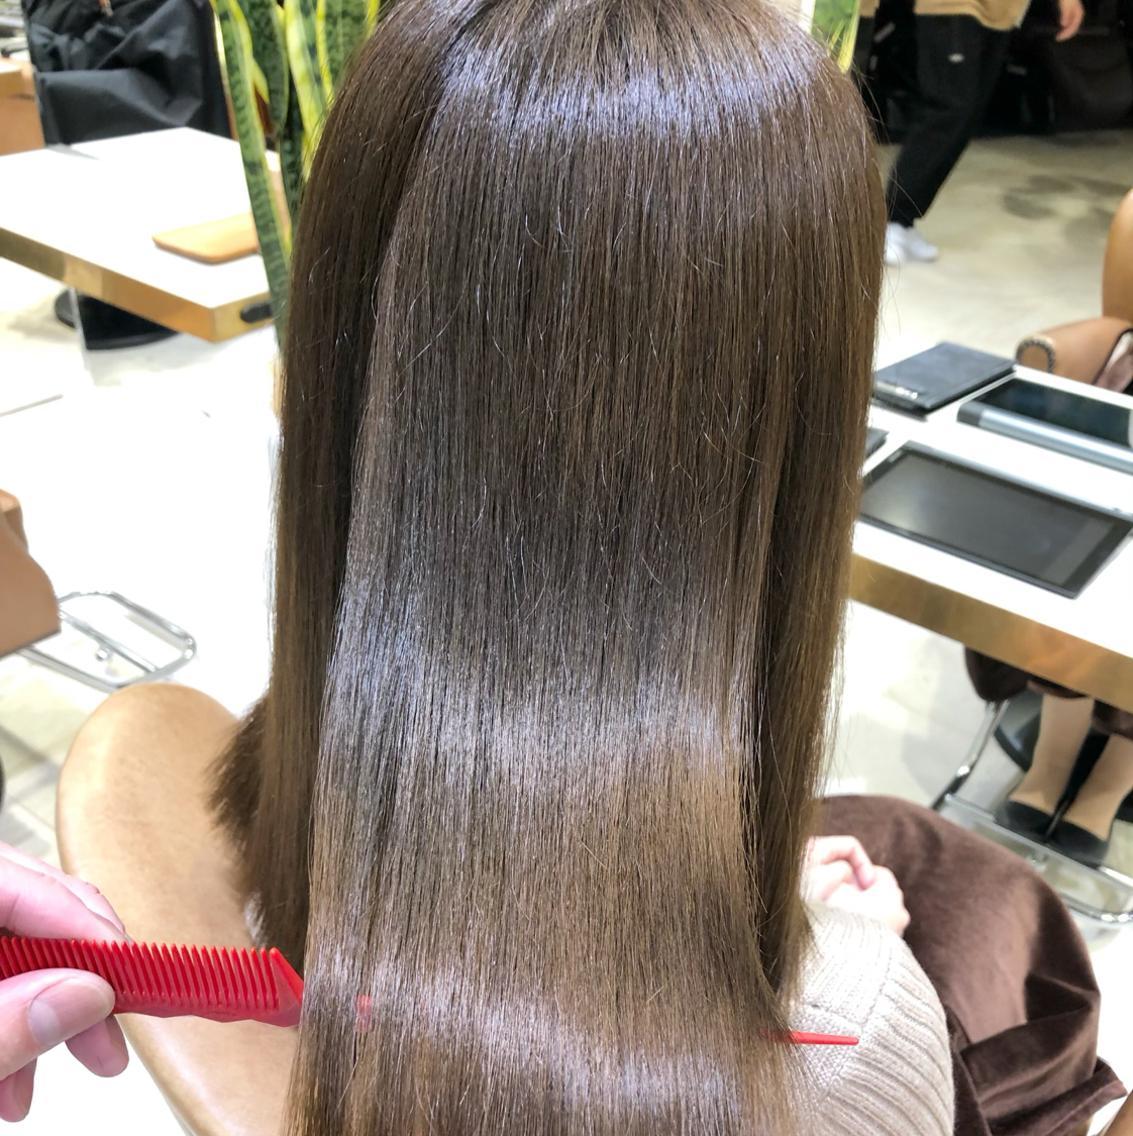 ツヤが出ると話題のイルミナカラーを体験★長く通える美容院をお探しの方大歓迎★髪の毛バッサリ切りたい方大歓迎、